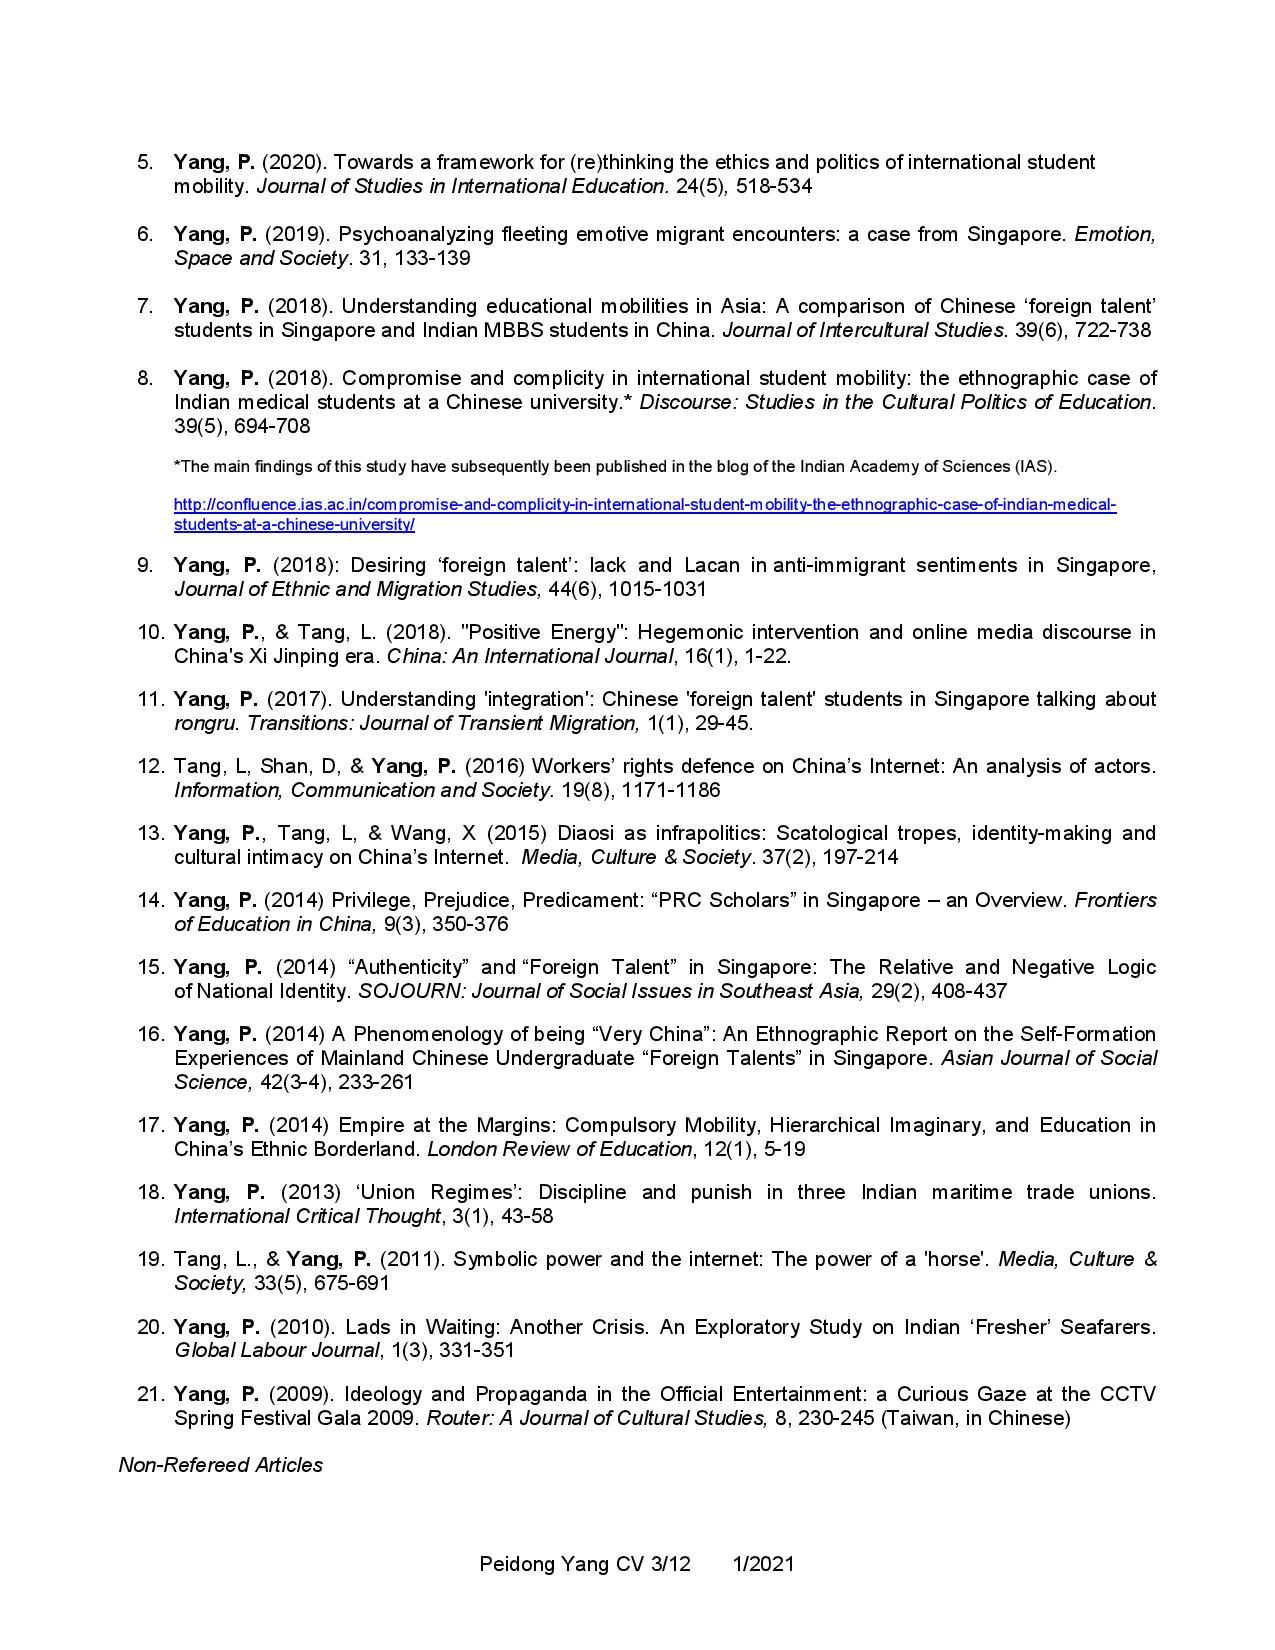 CV YANG Peidong_1.2021-page-003